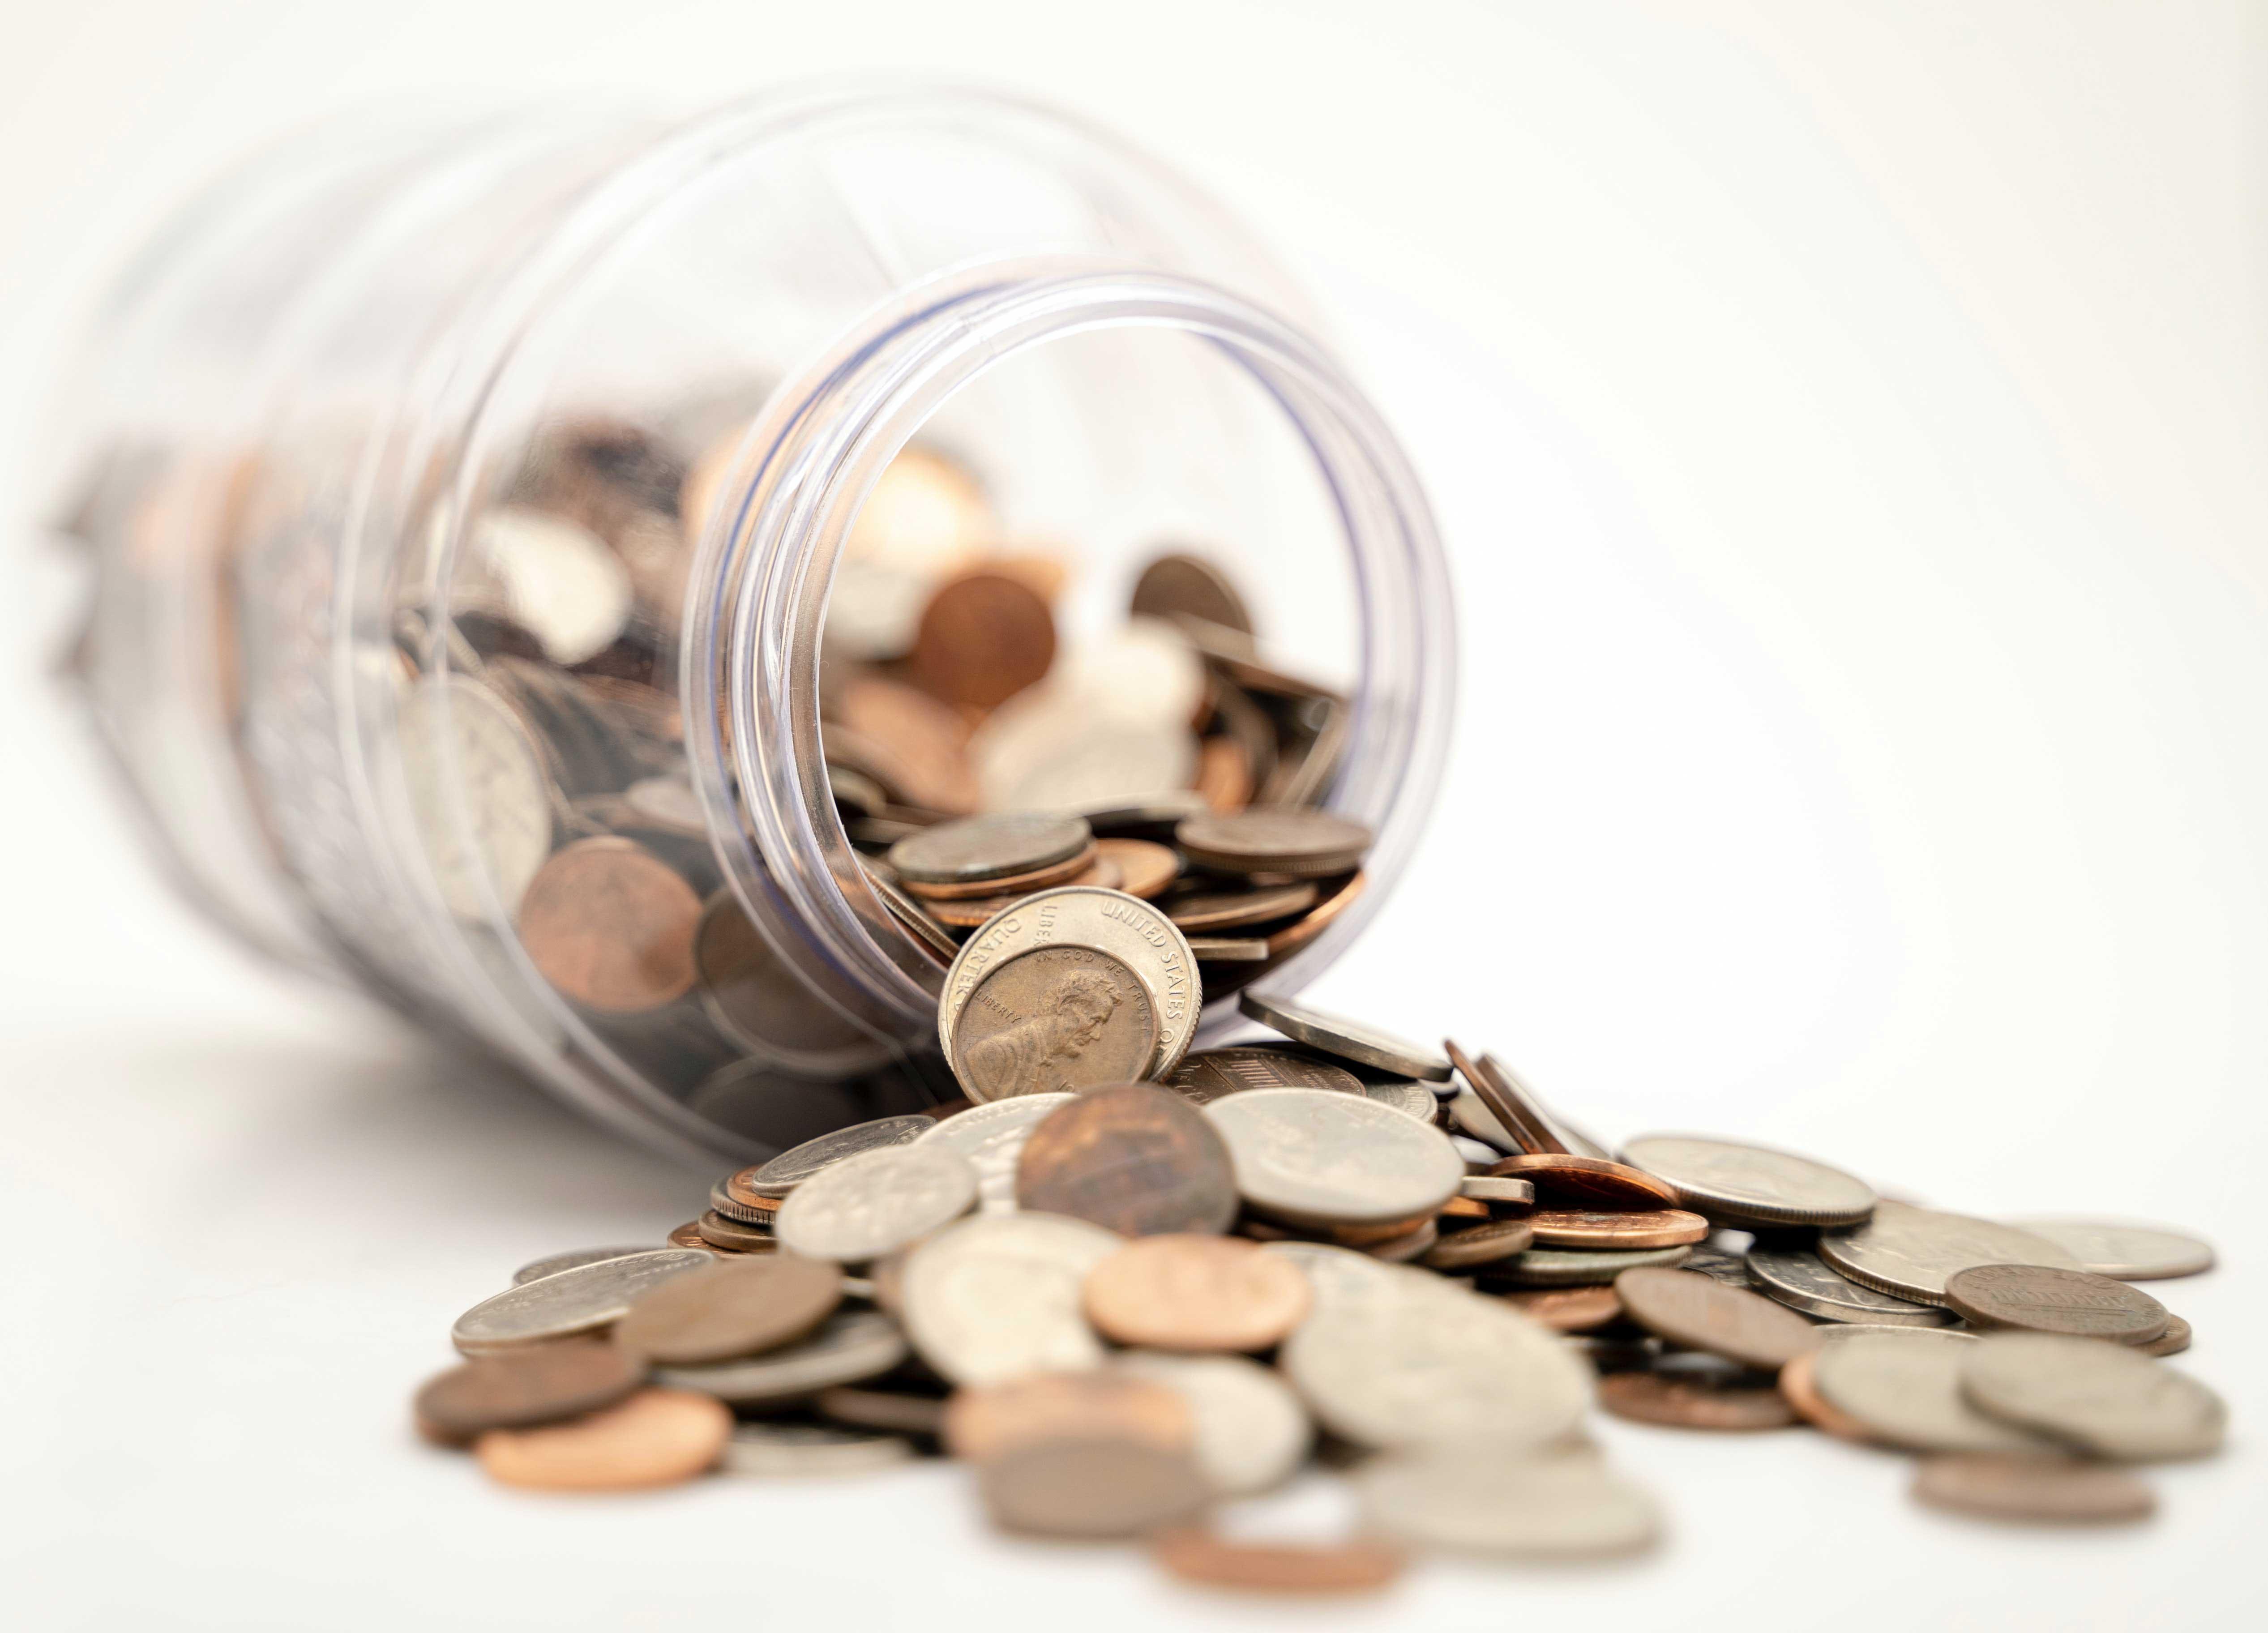 AltText: Ein umgefallenes Glas mit Kleingeld.